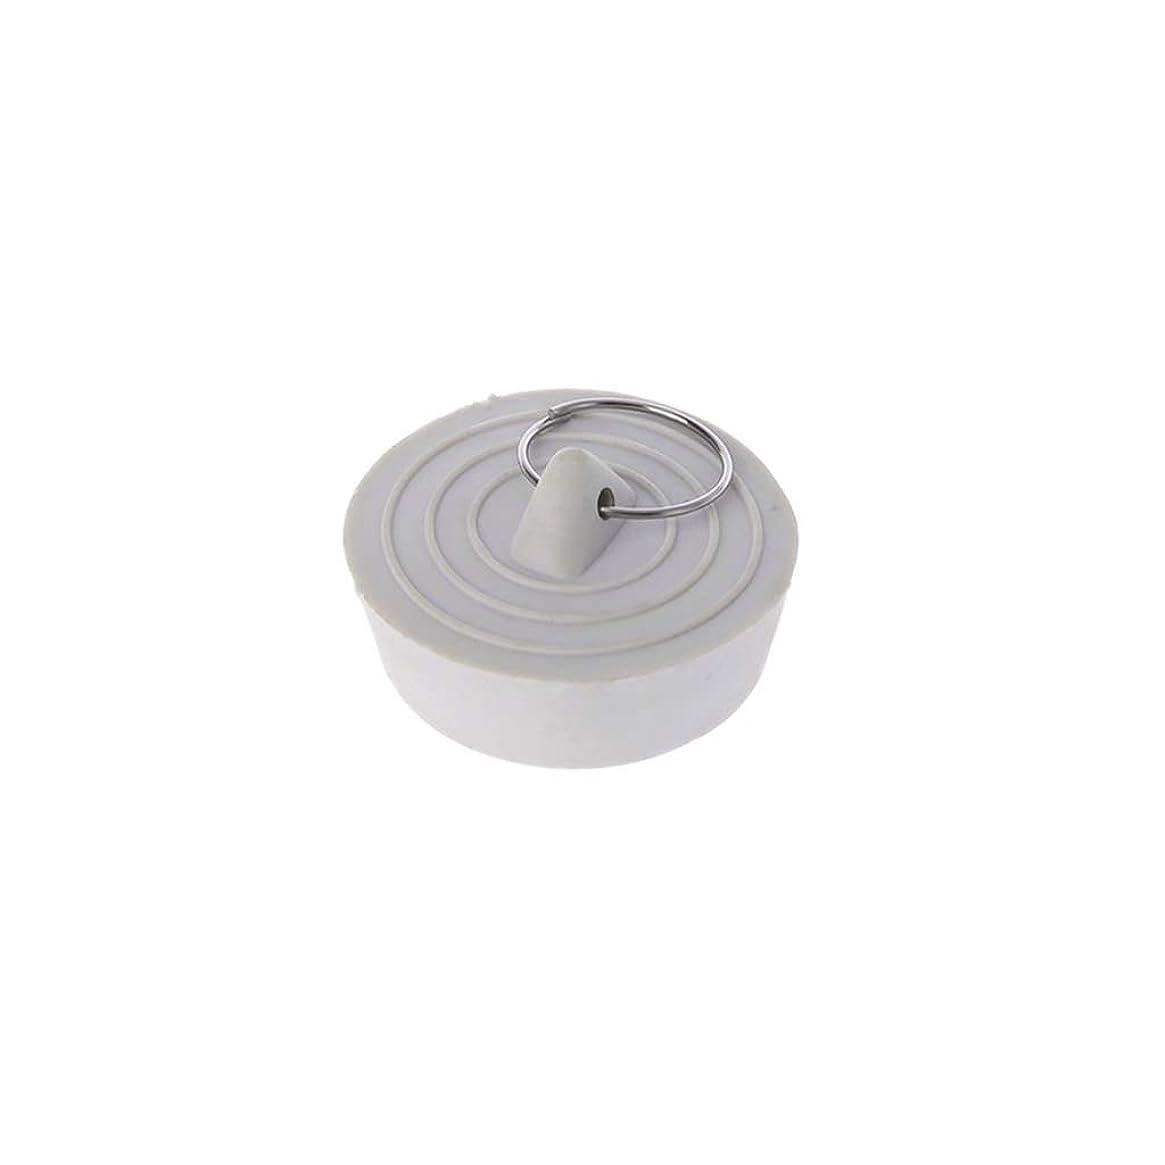 帽子大気属性Lamdooラバーシンク排水ストッパープラグ付きバスタブキッチン浴室用1